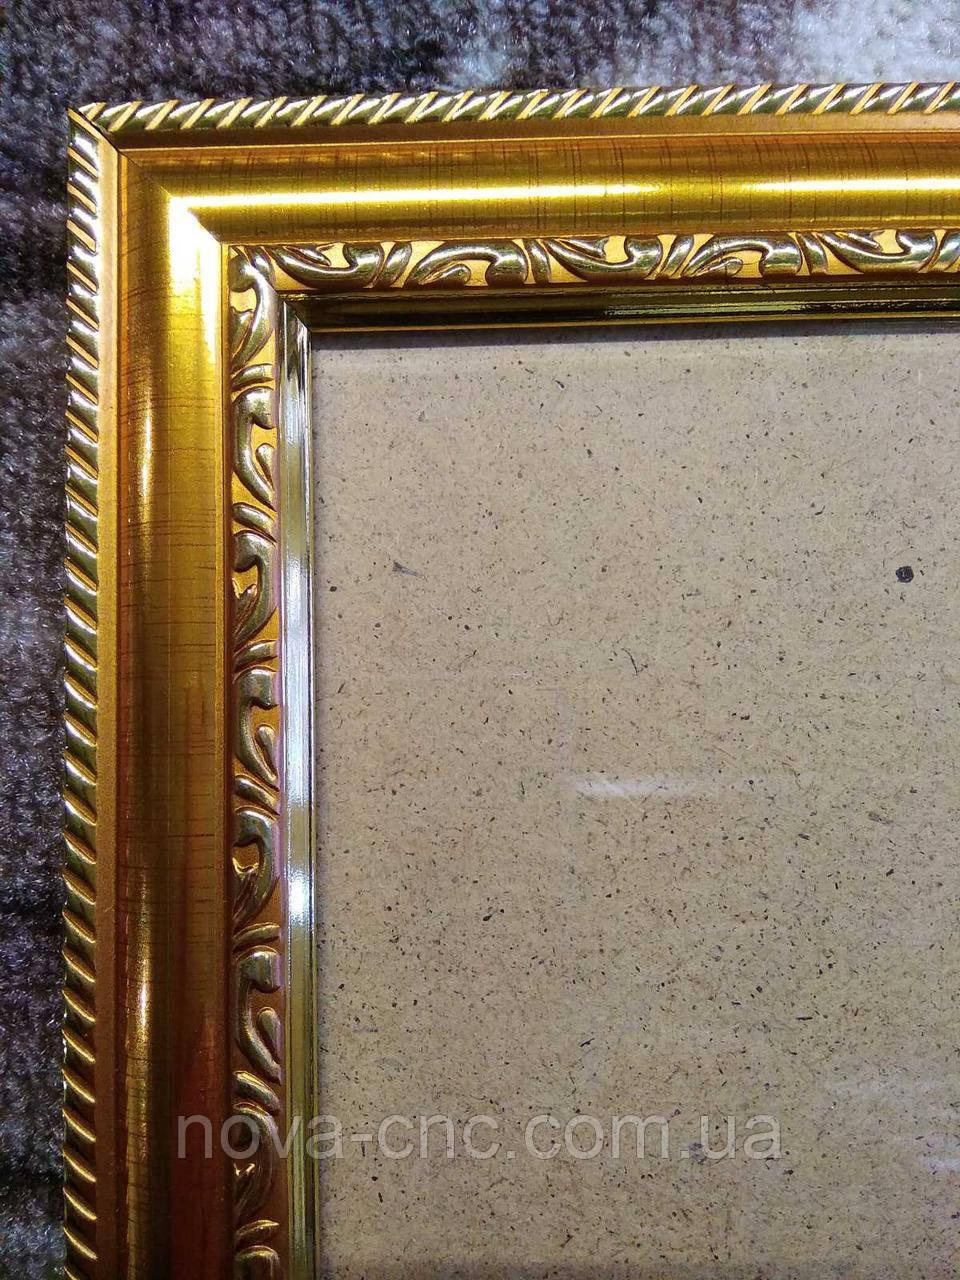 Рамка золото косичка 18,5 х 23,8 см